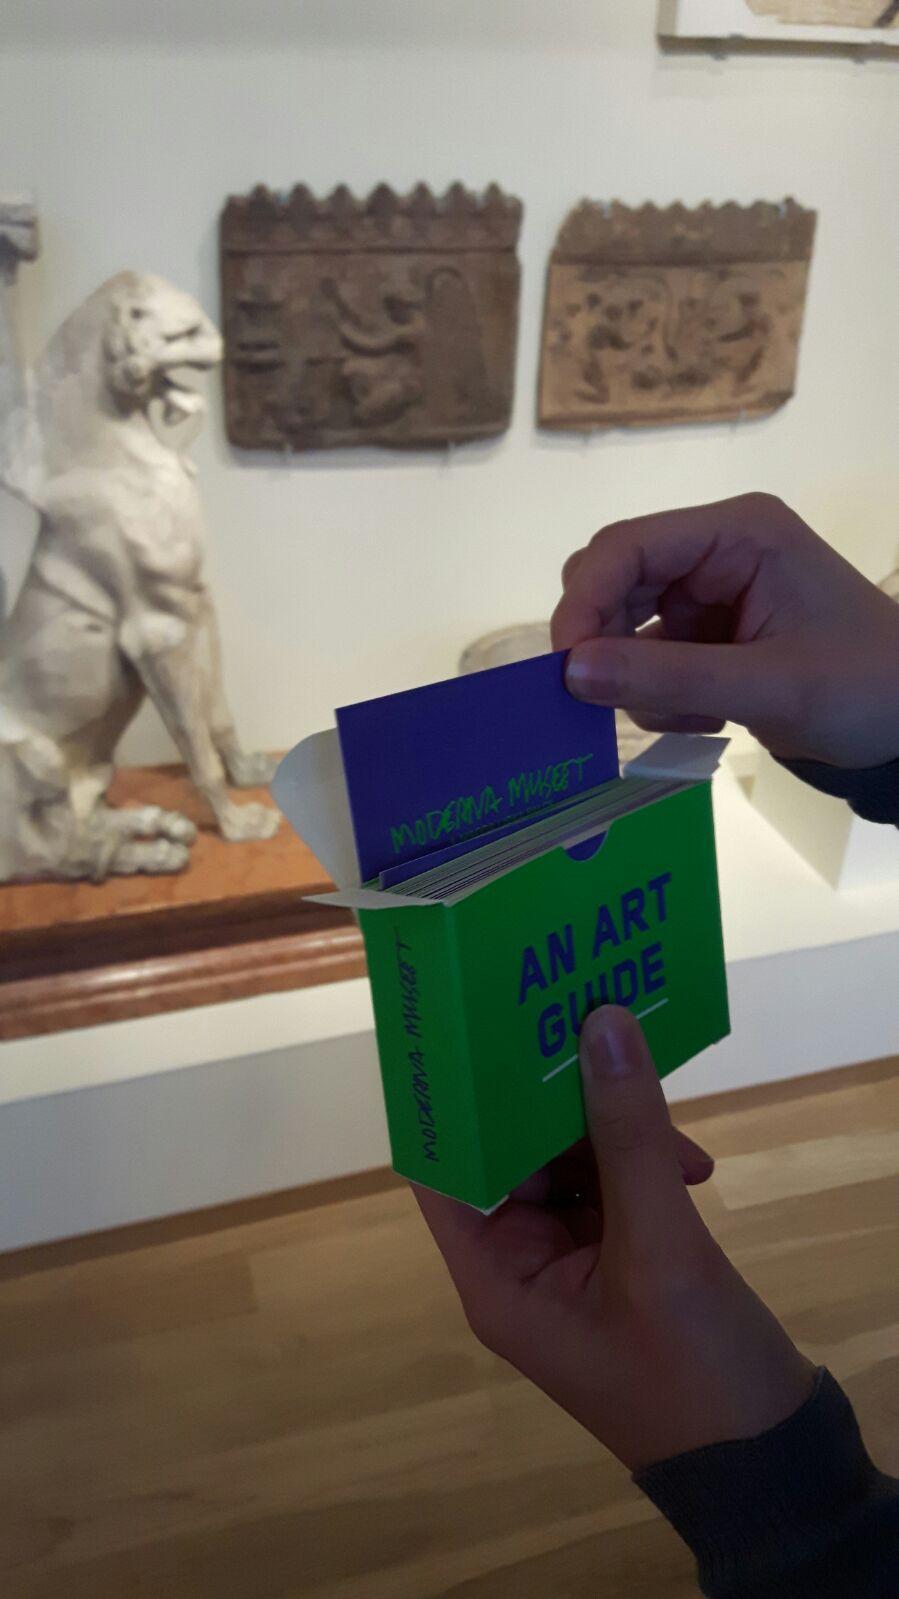 An Art Guide - De Museumdpocast